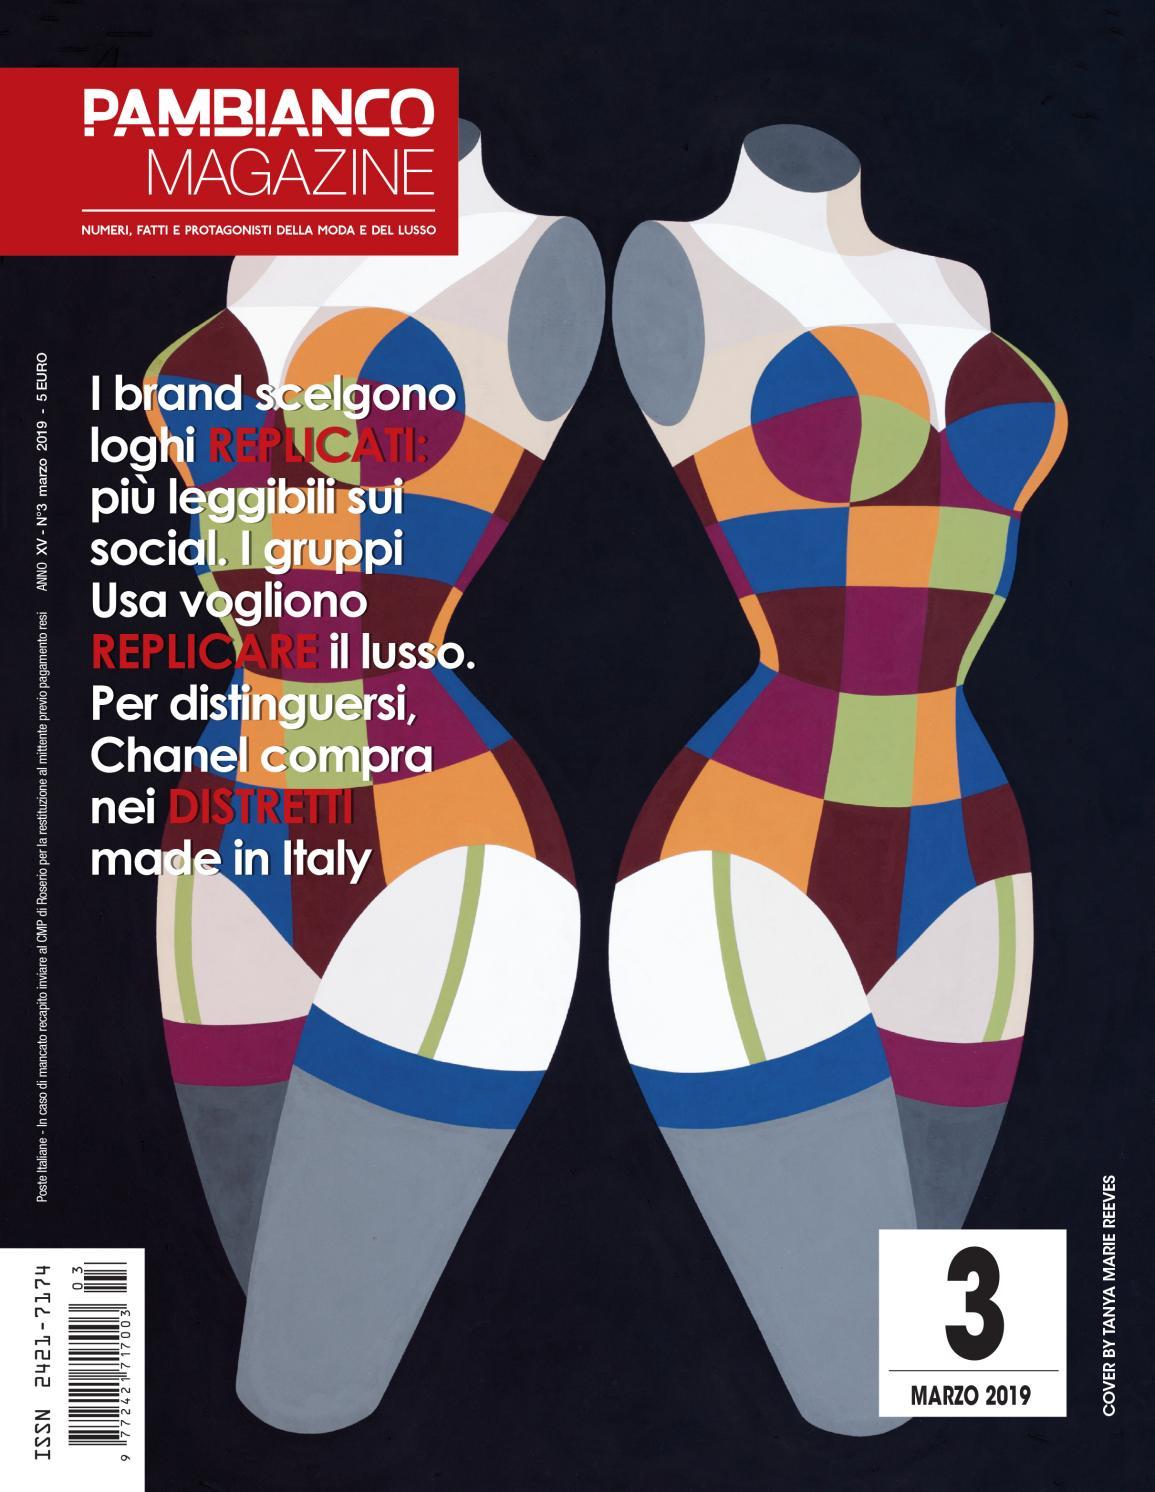 Pambianco magazine n3 2019 by Pambianconews - issuu a4a55cd064f